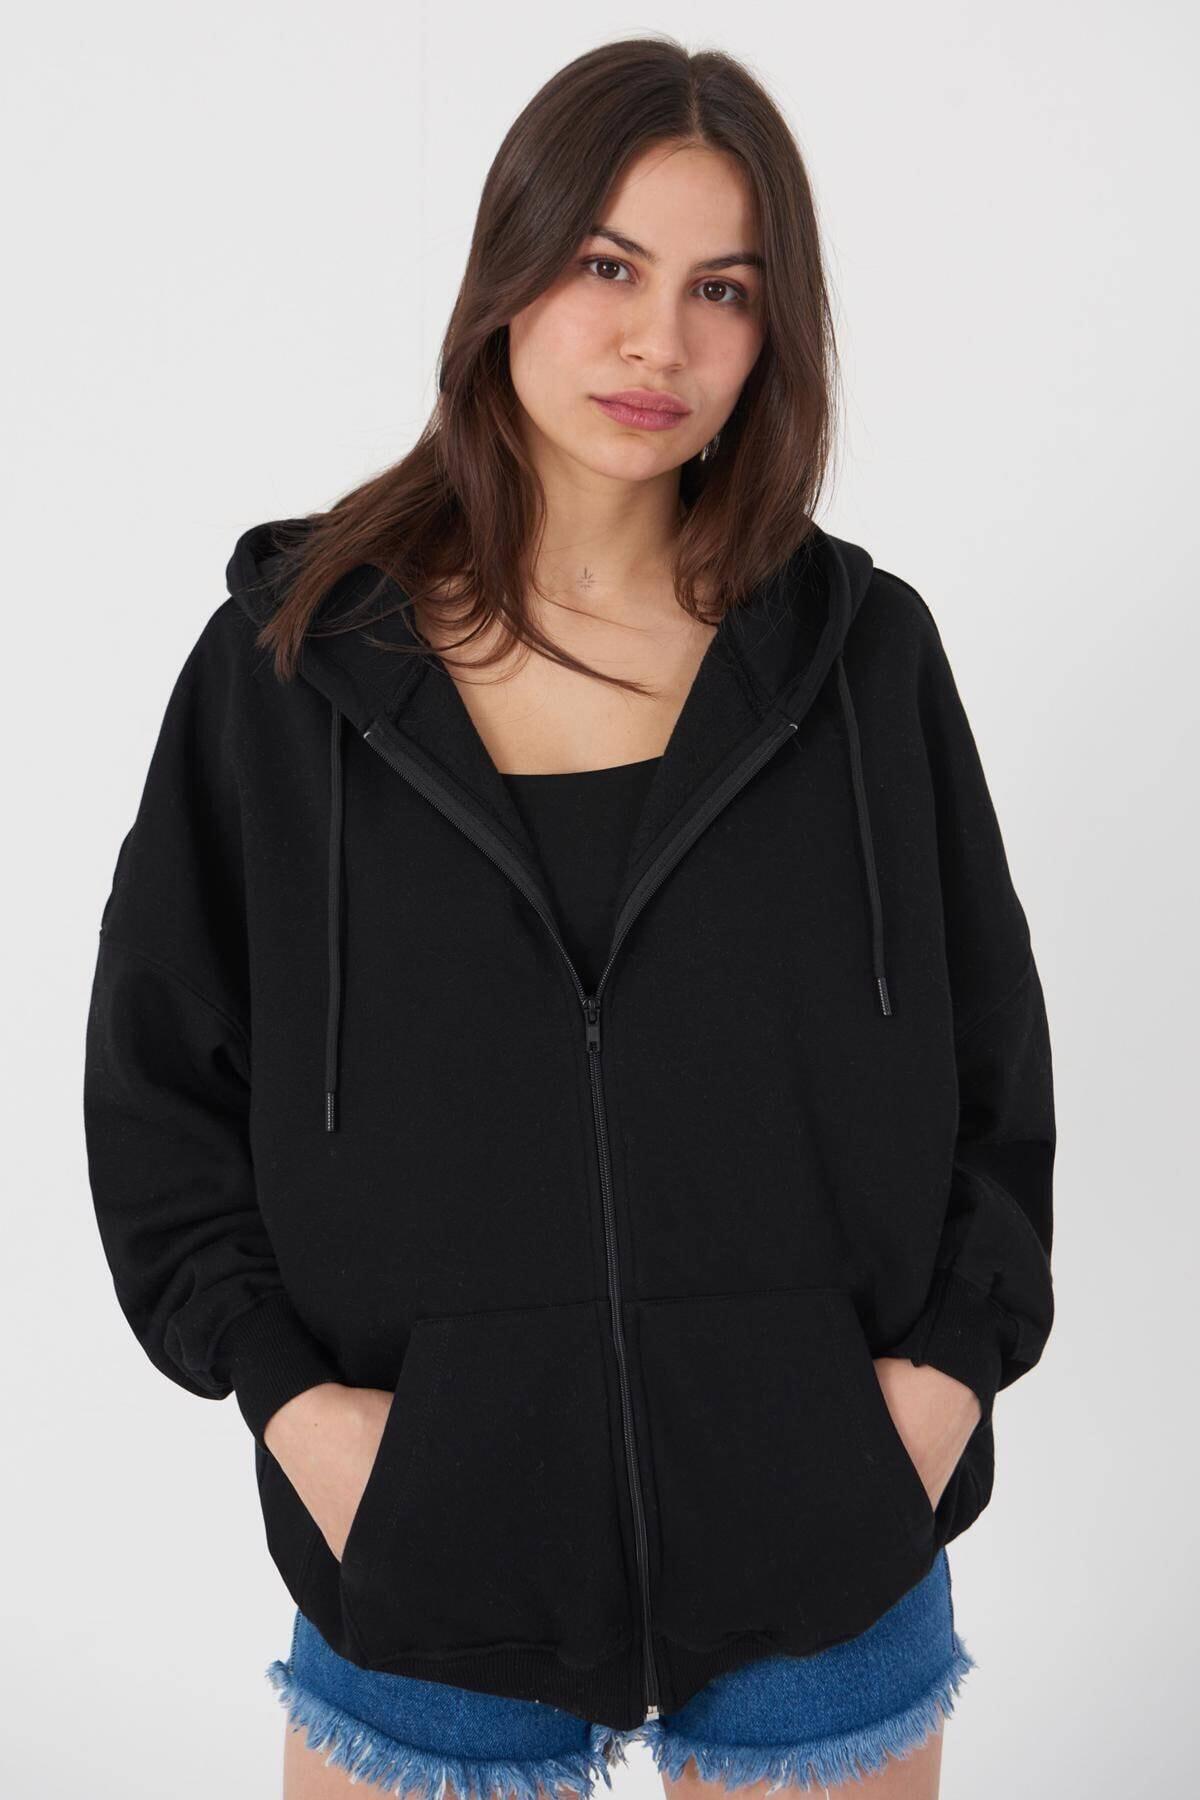 Addax Kadın Siyah Kapüşonlu Uzun Hırka H0725 - W6 - W7 ADX-0000020316 0